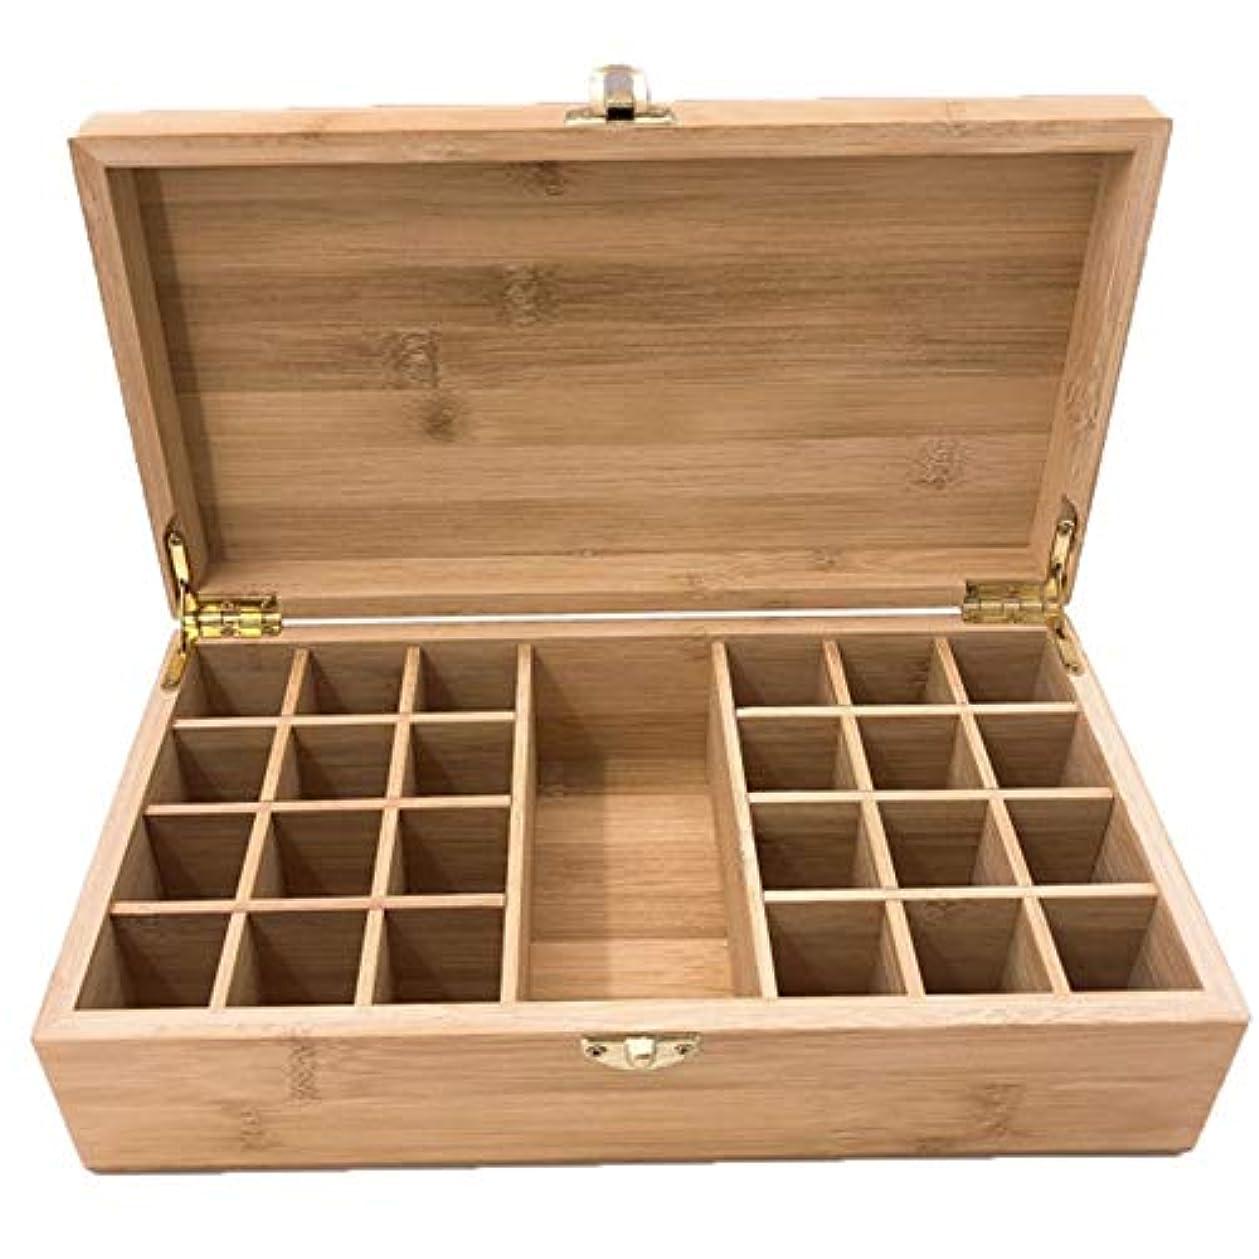 爵鉄ペンスエッセンシャルオイルボックス 安全な保管とエッセンシャルオイルの表示の主催木材店25本のボトルが収納ボックスを運びます アロマセラピー収納ボックス (色 : Natural, サイズ : 27.5X15X8.3CM)